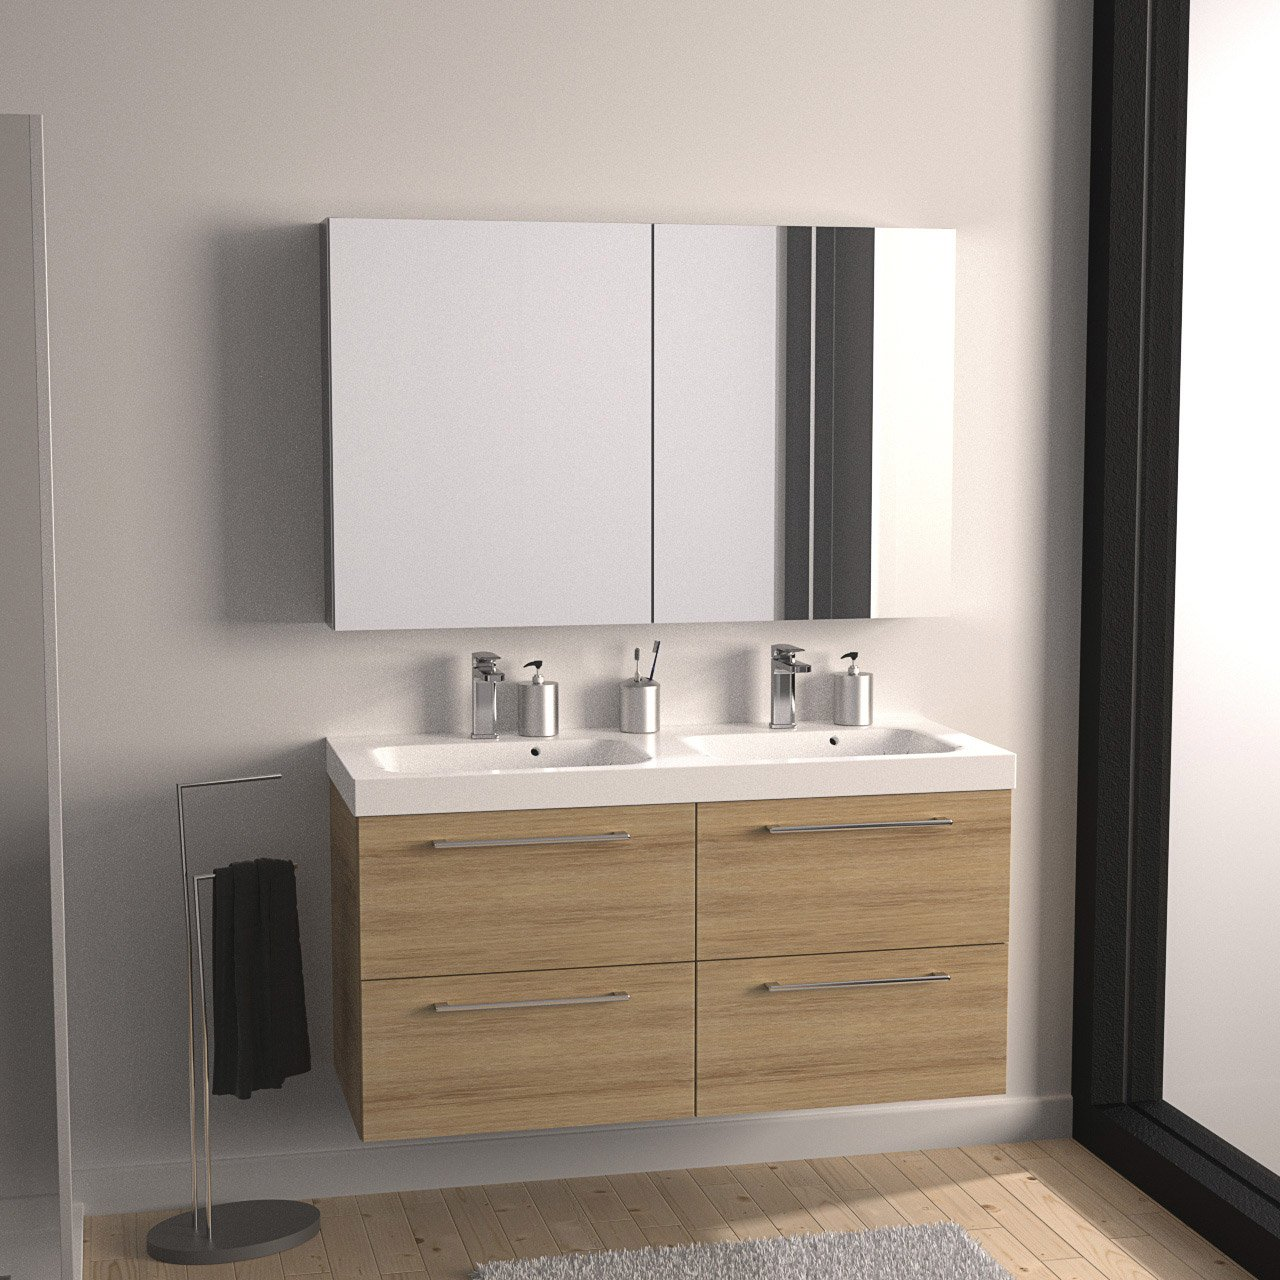 Meuble sous evier salle de bain brico depot id es de travaux - Mitigeur salle de bain brico depot ...